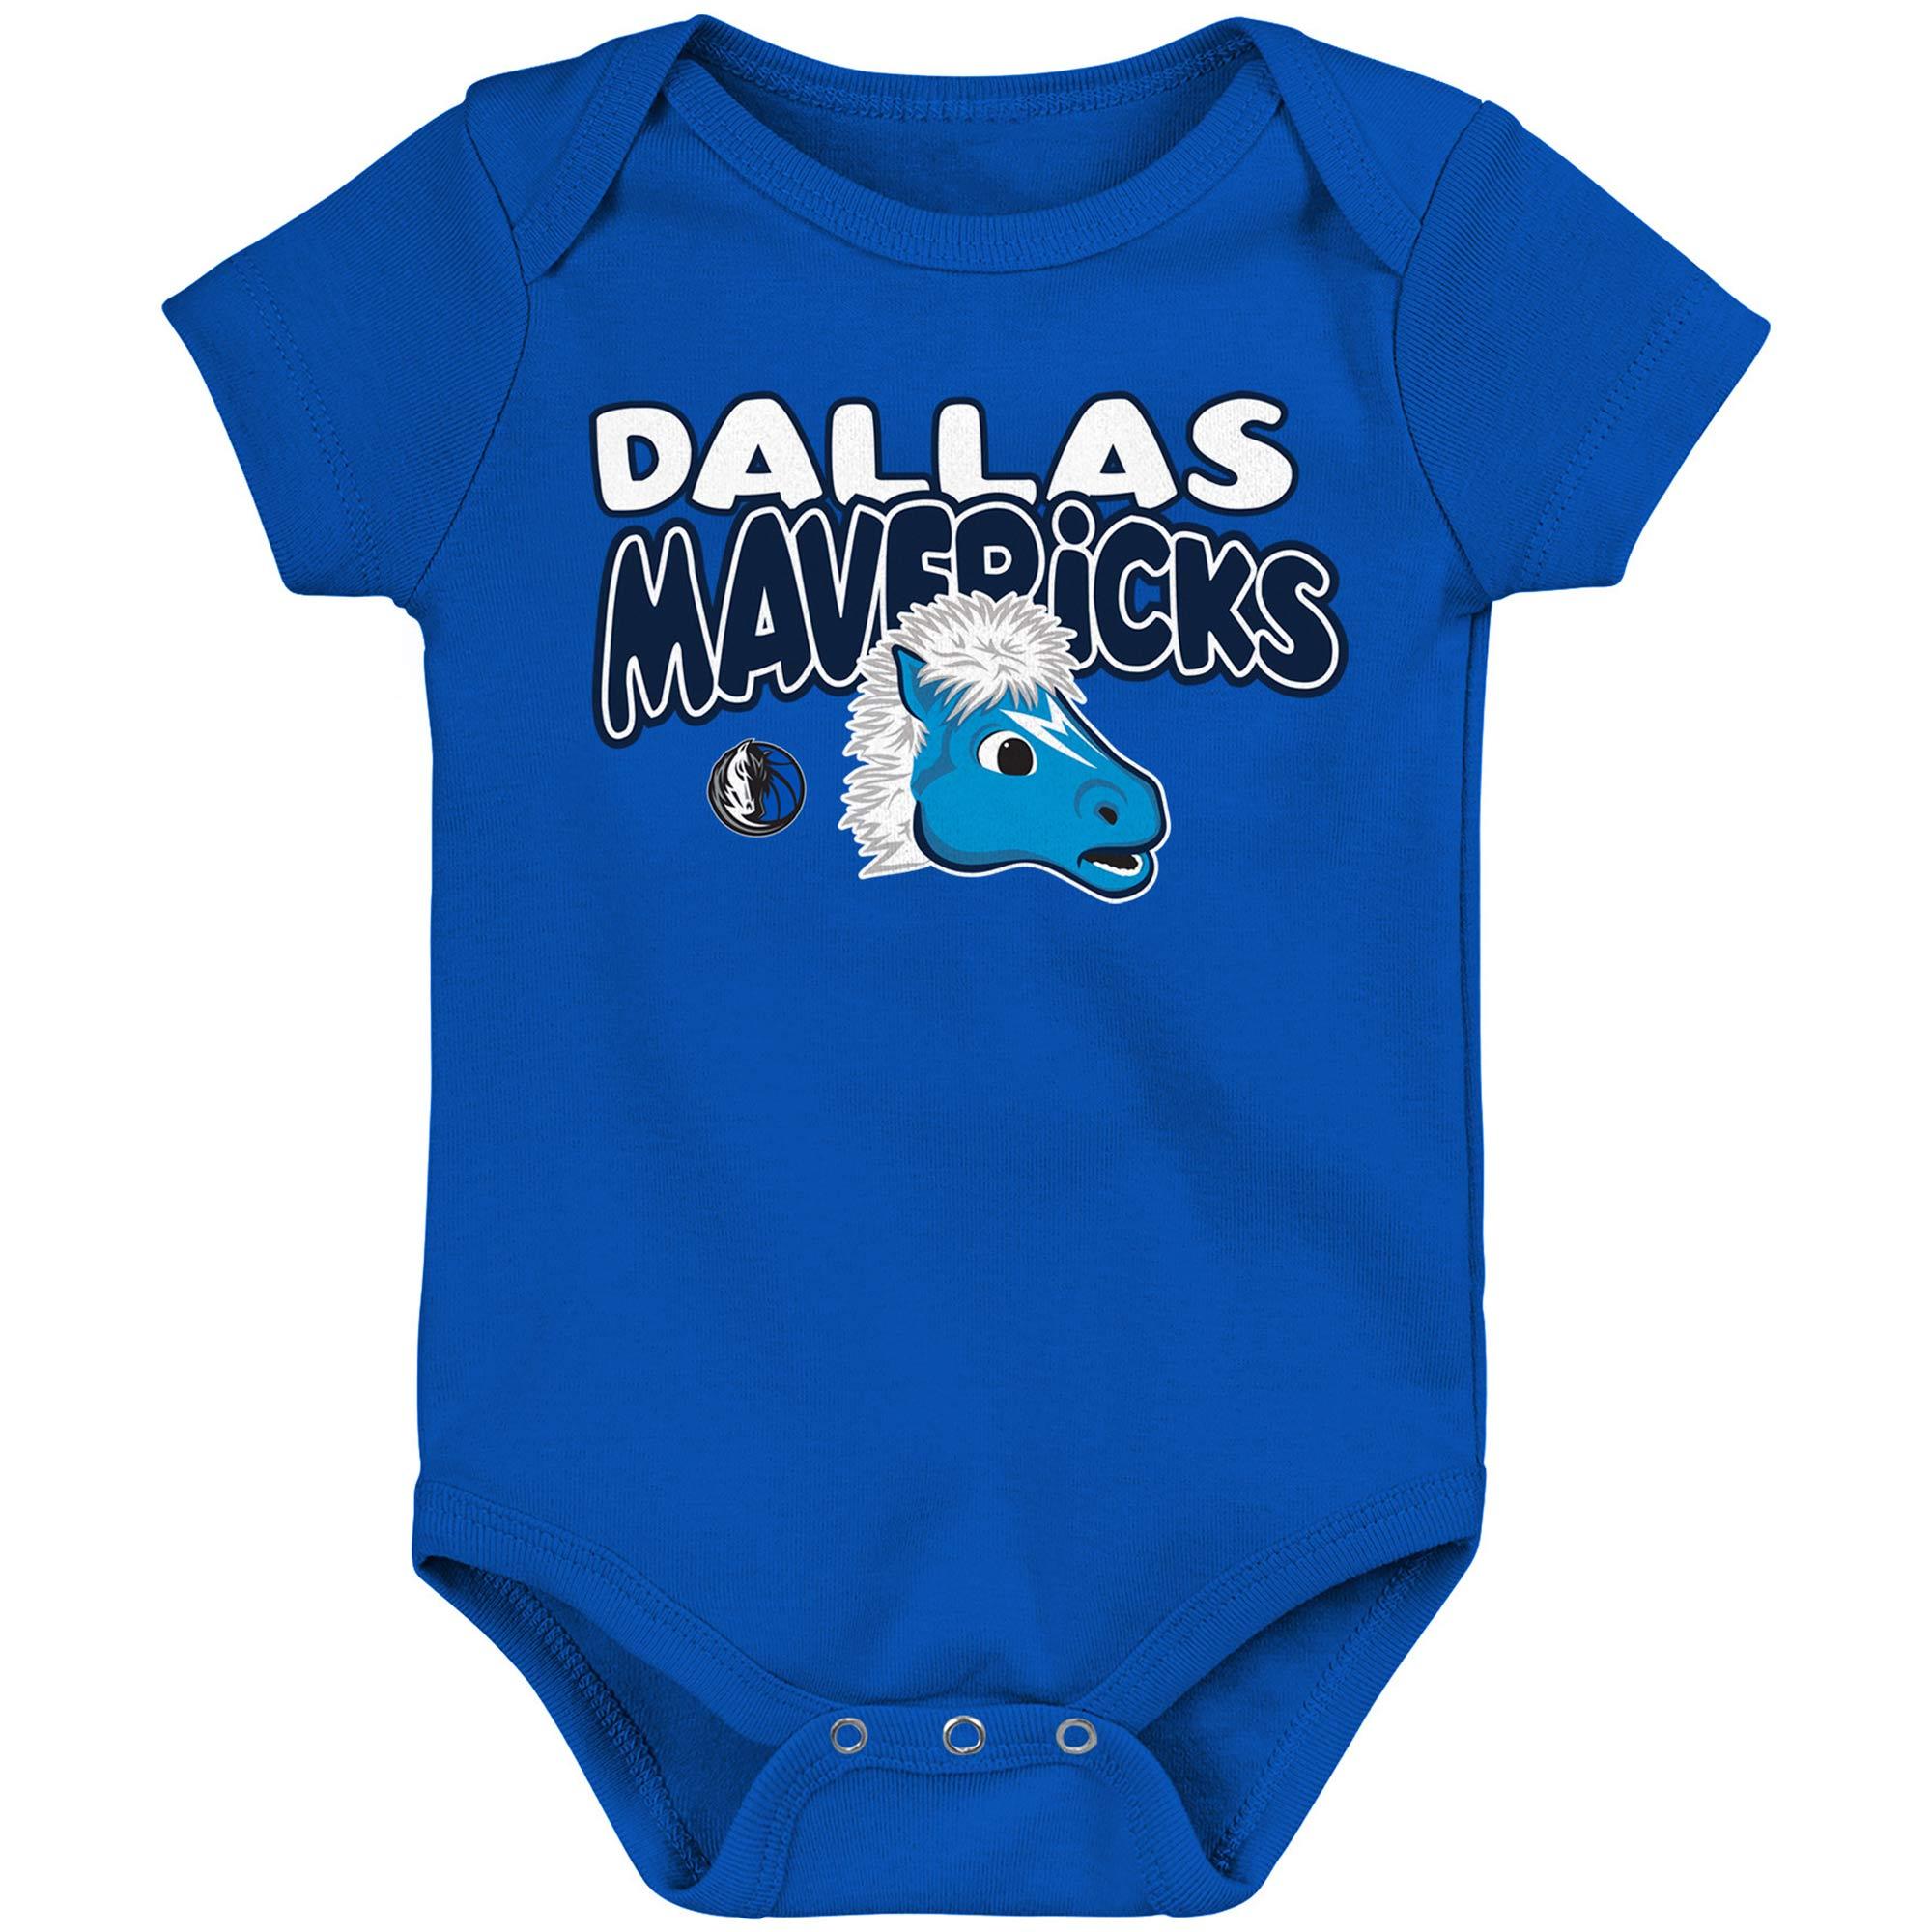 Dallas Mavericks Infant Bubble Letter Bodysuit - Blue